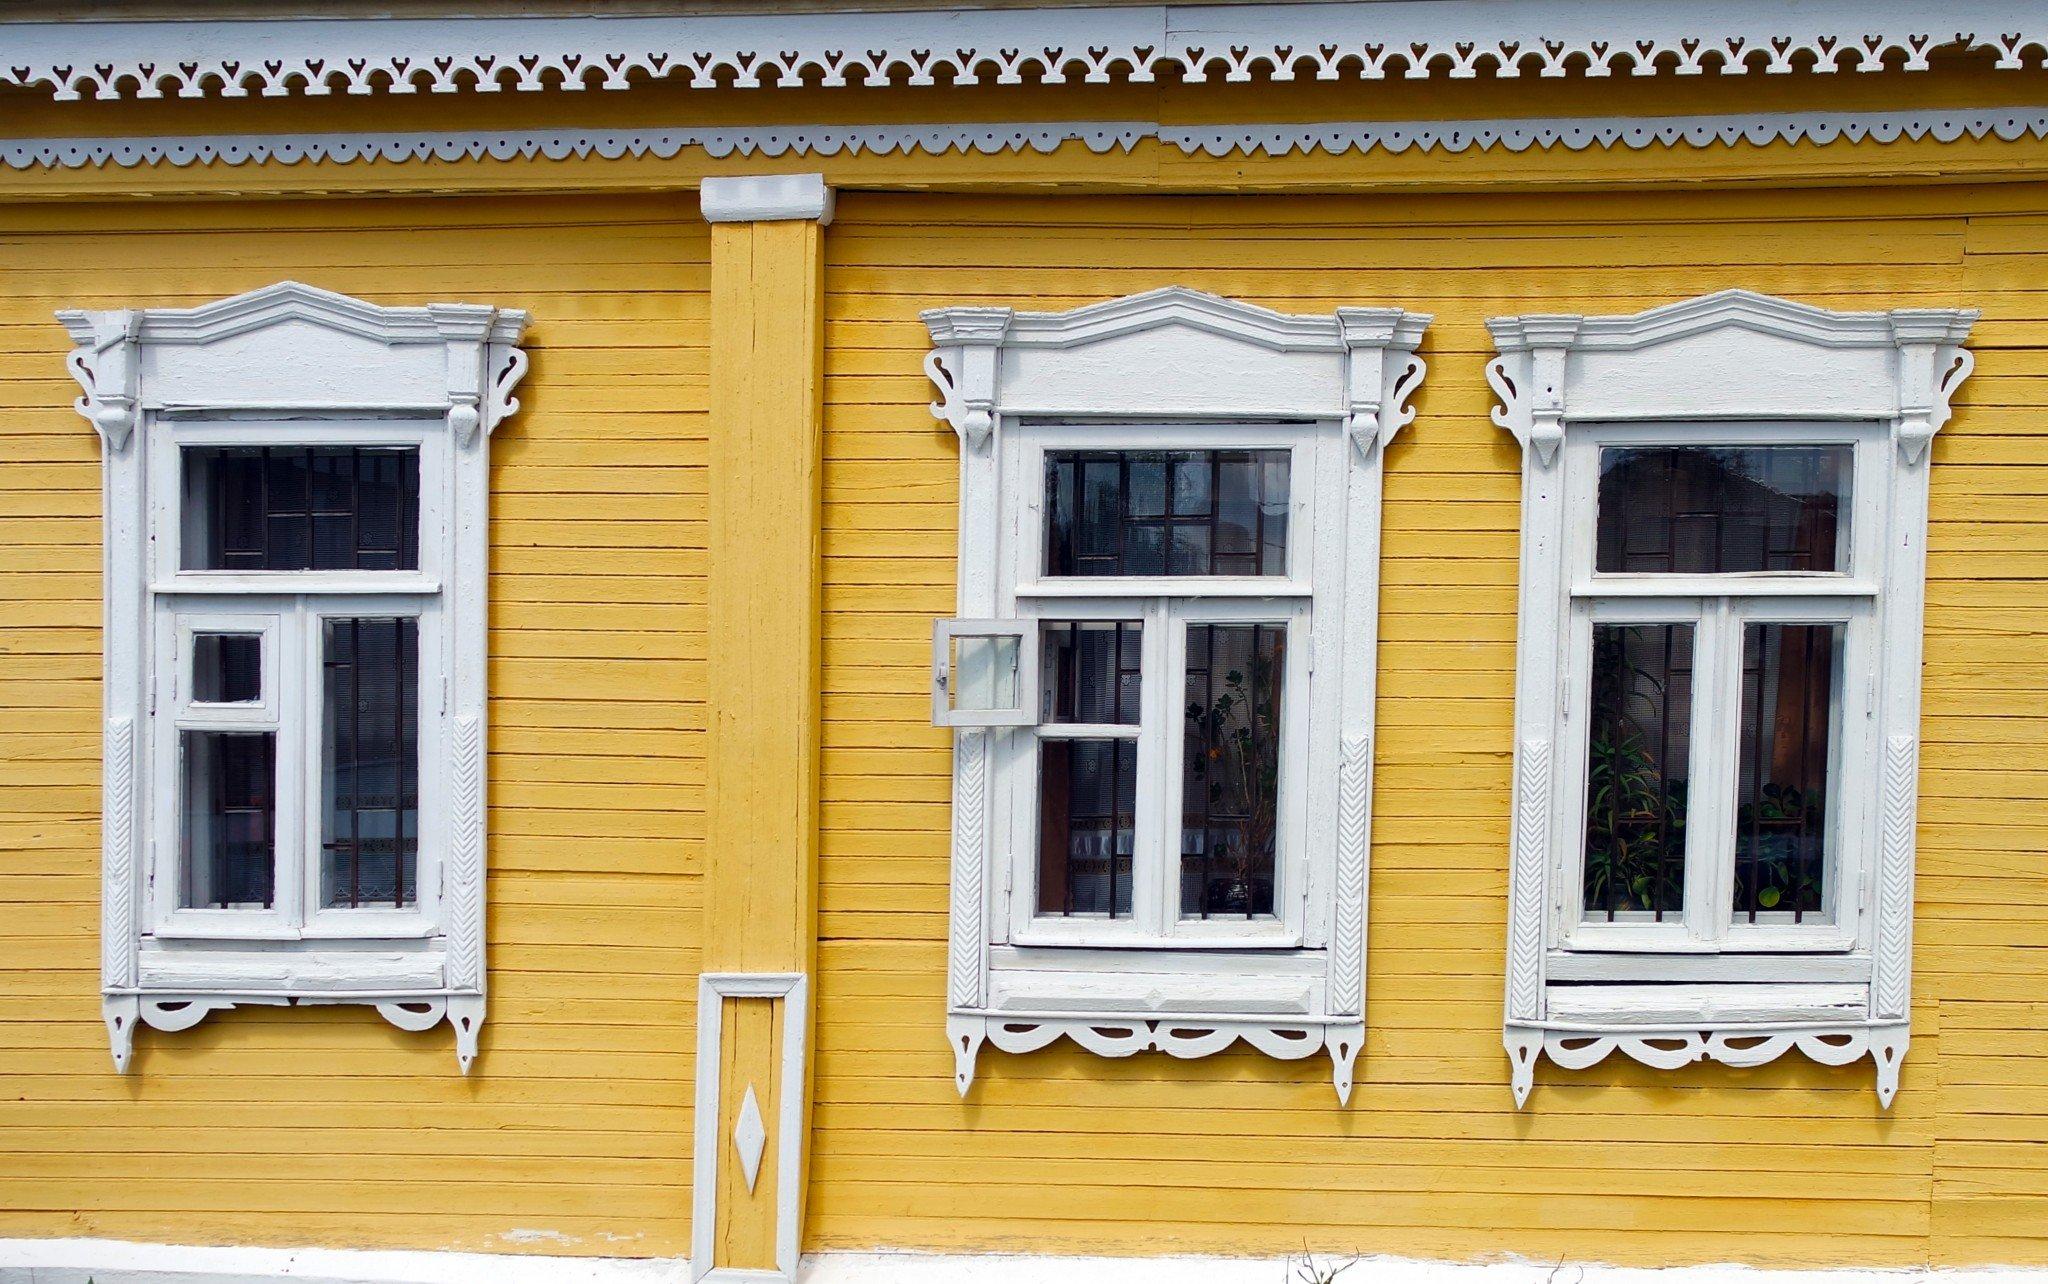 наличники на окна фото